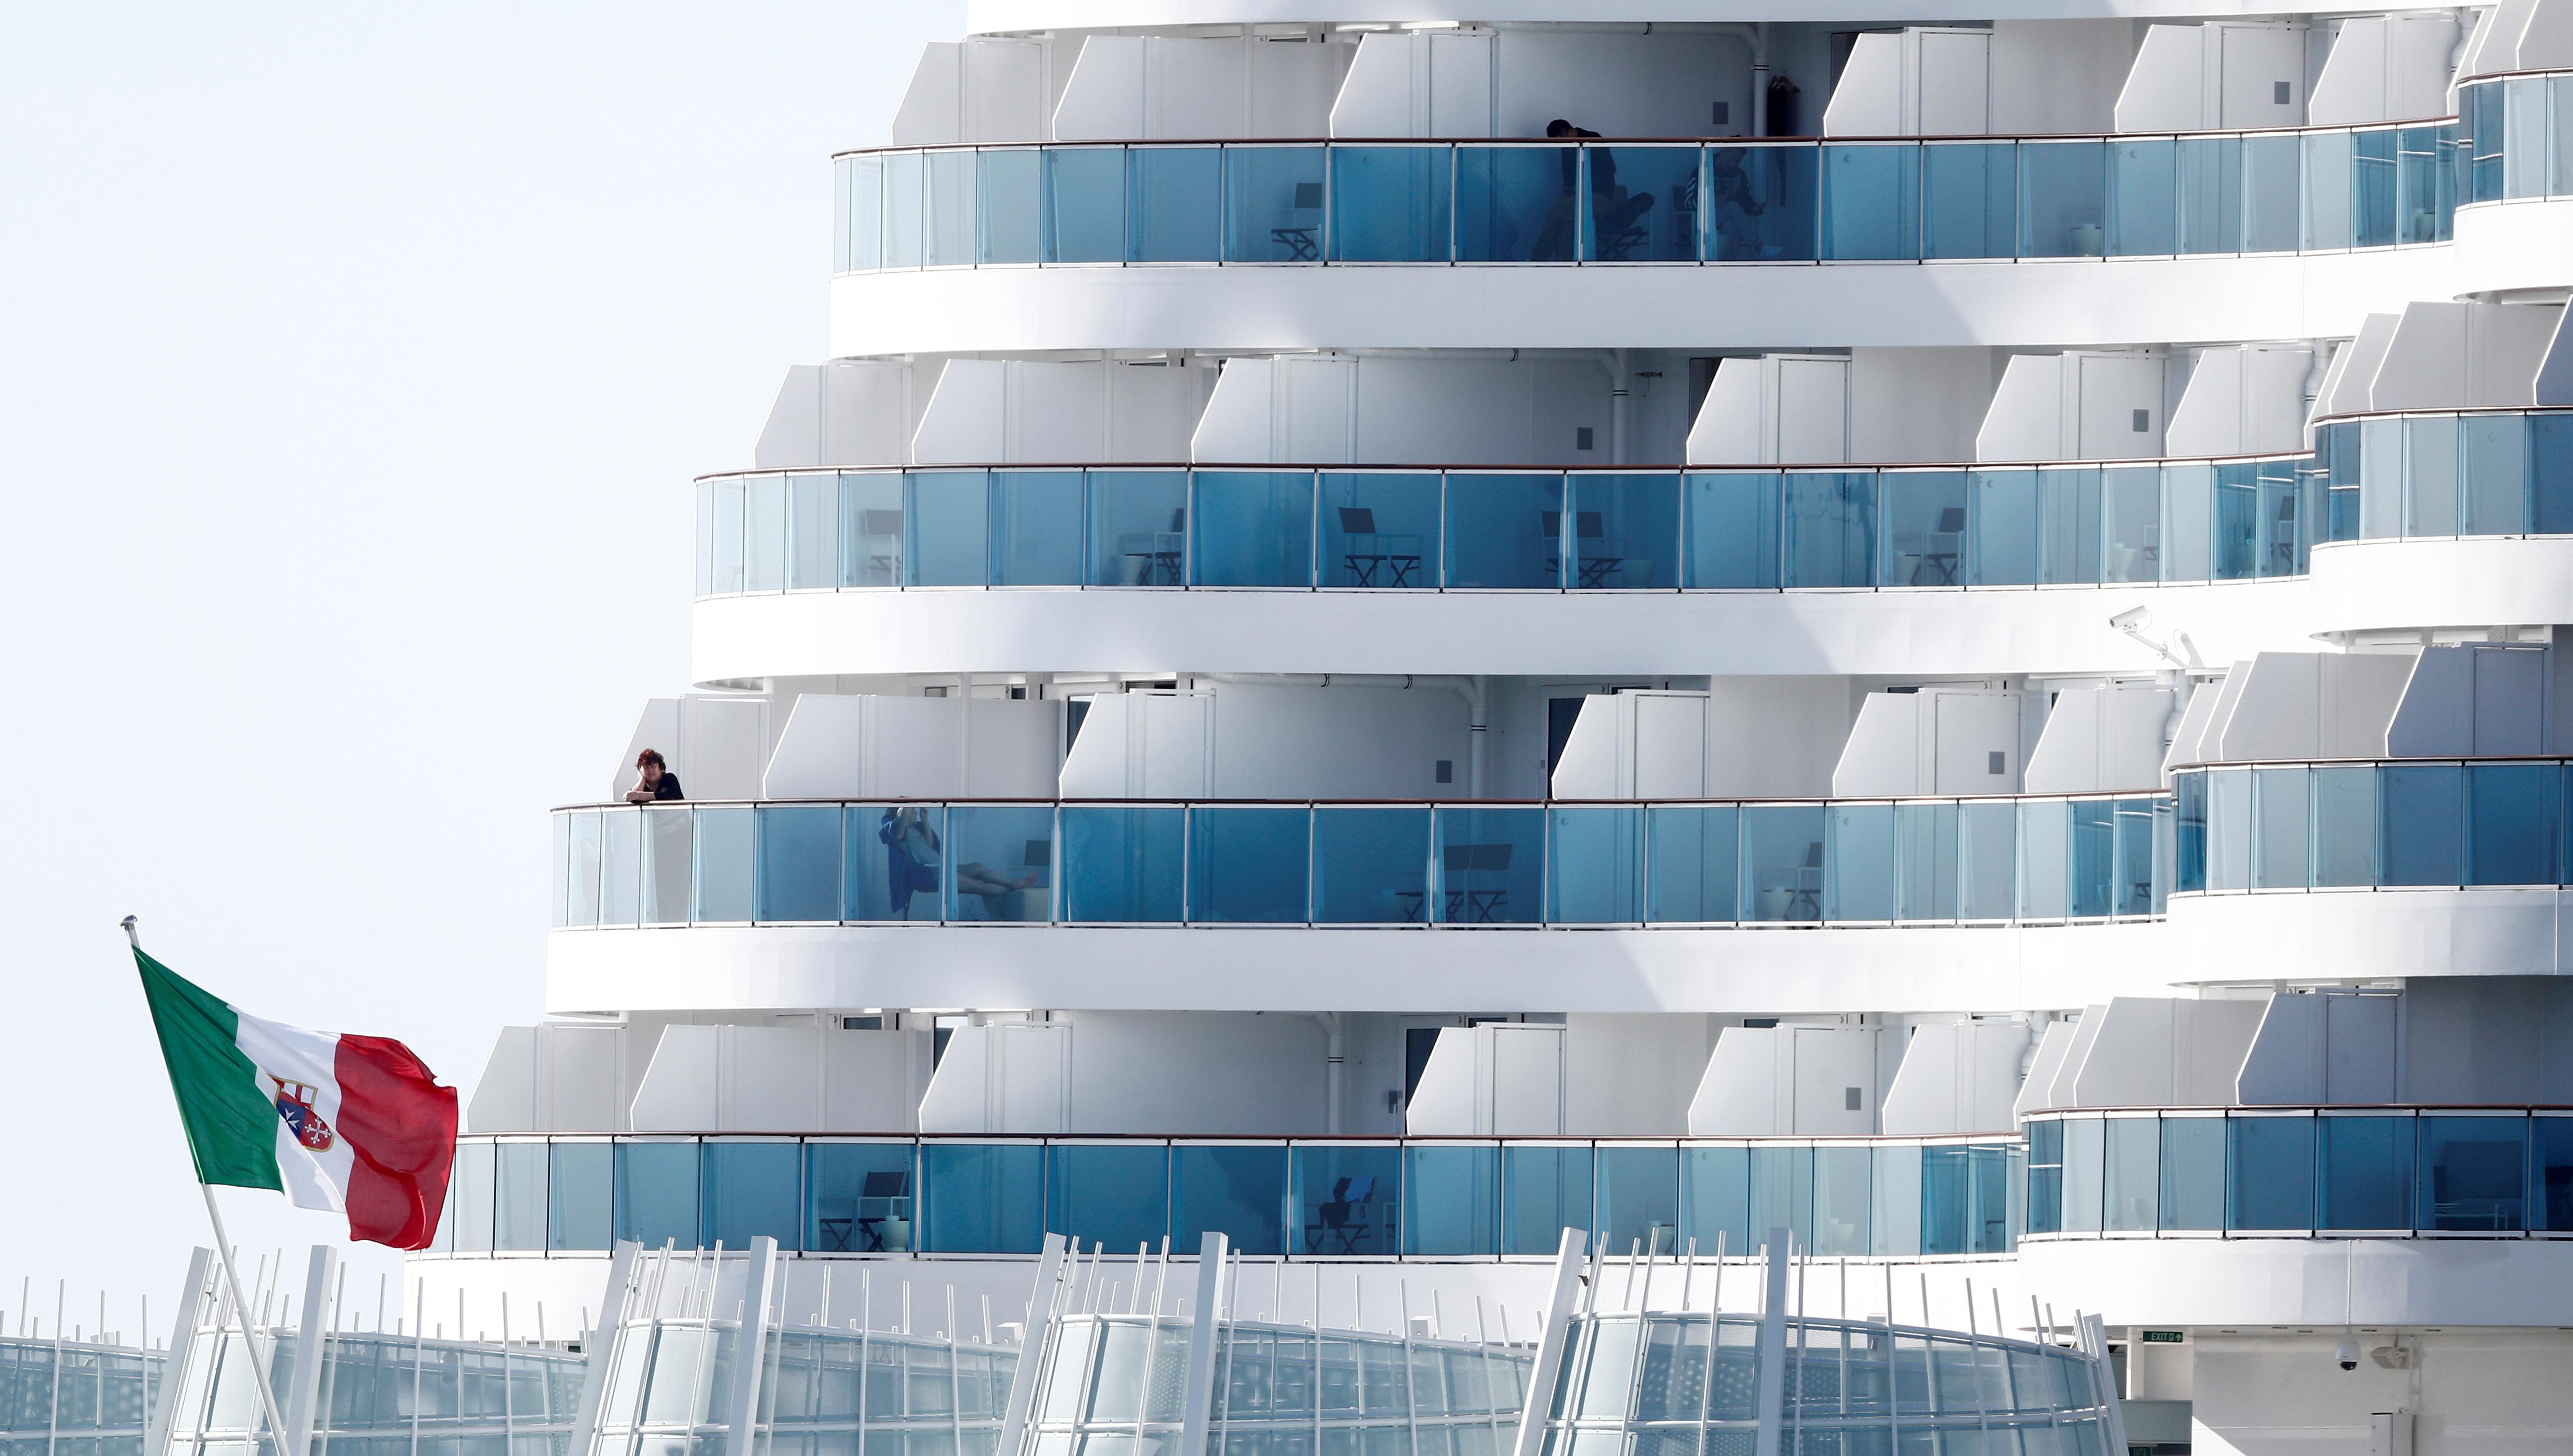 El barco, de propiedad una de las mayores compañías de cruceros del mundo, provenía de Palma de Mallorca y tenía programado una semana de viaje en el Mediterráneo occidental